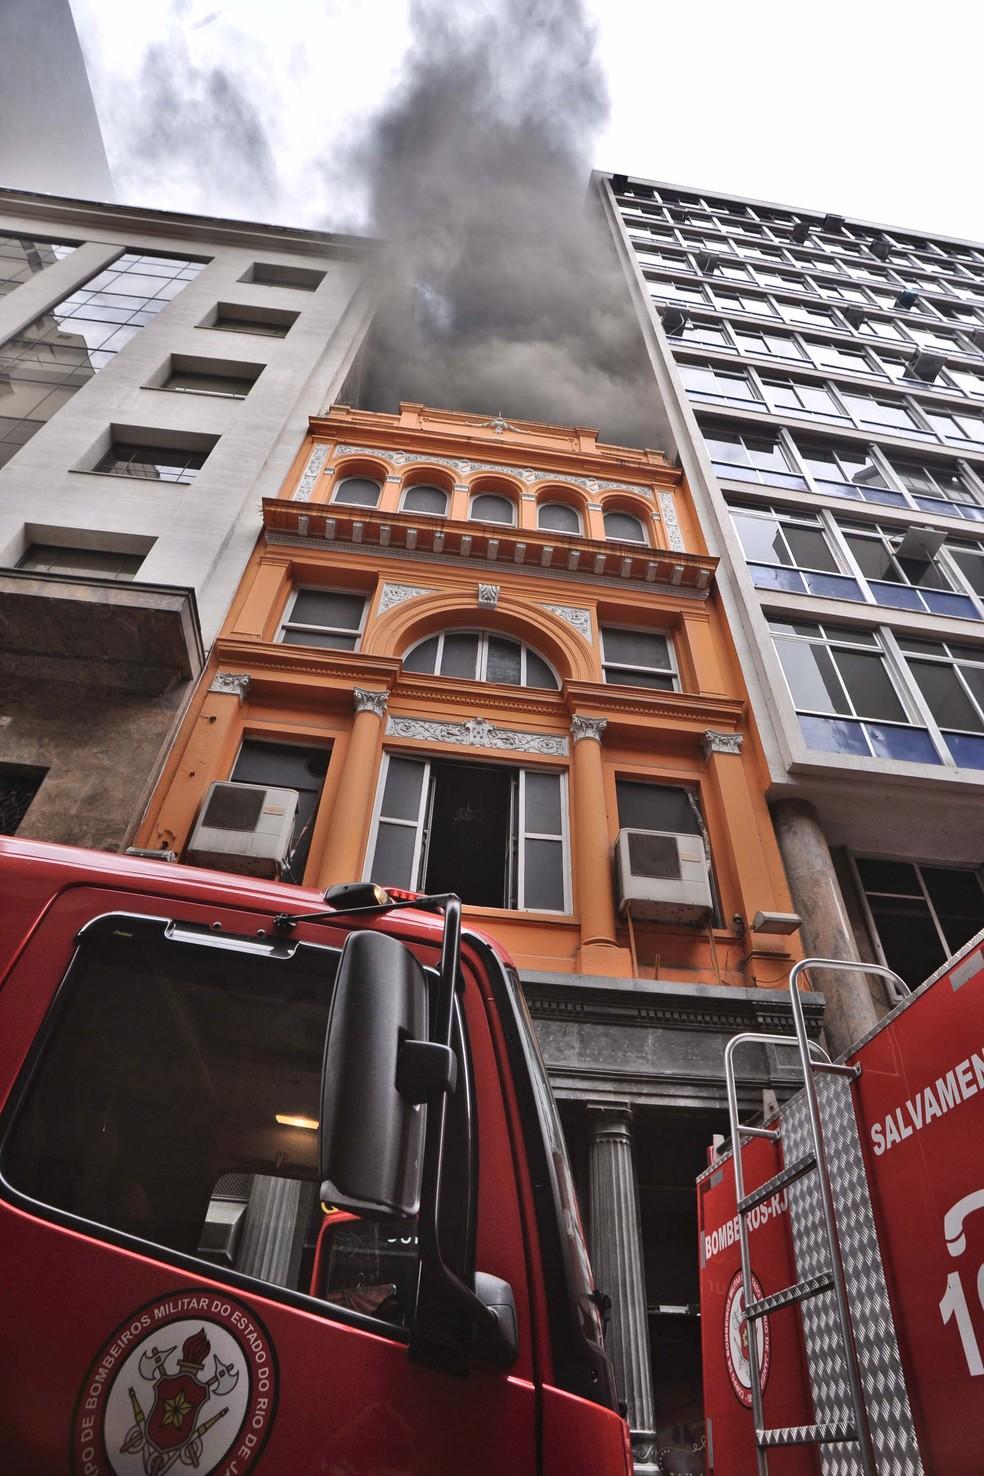 Incêndio atinge Whiskeria Quatro por Quatro no Centro do Rio — Foto: SAULO ANGELO/FUTURA PRESS/ESTADÃO CONTEÚDO